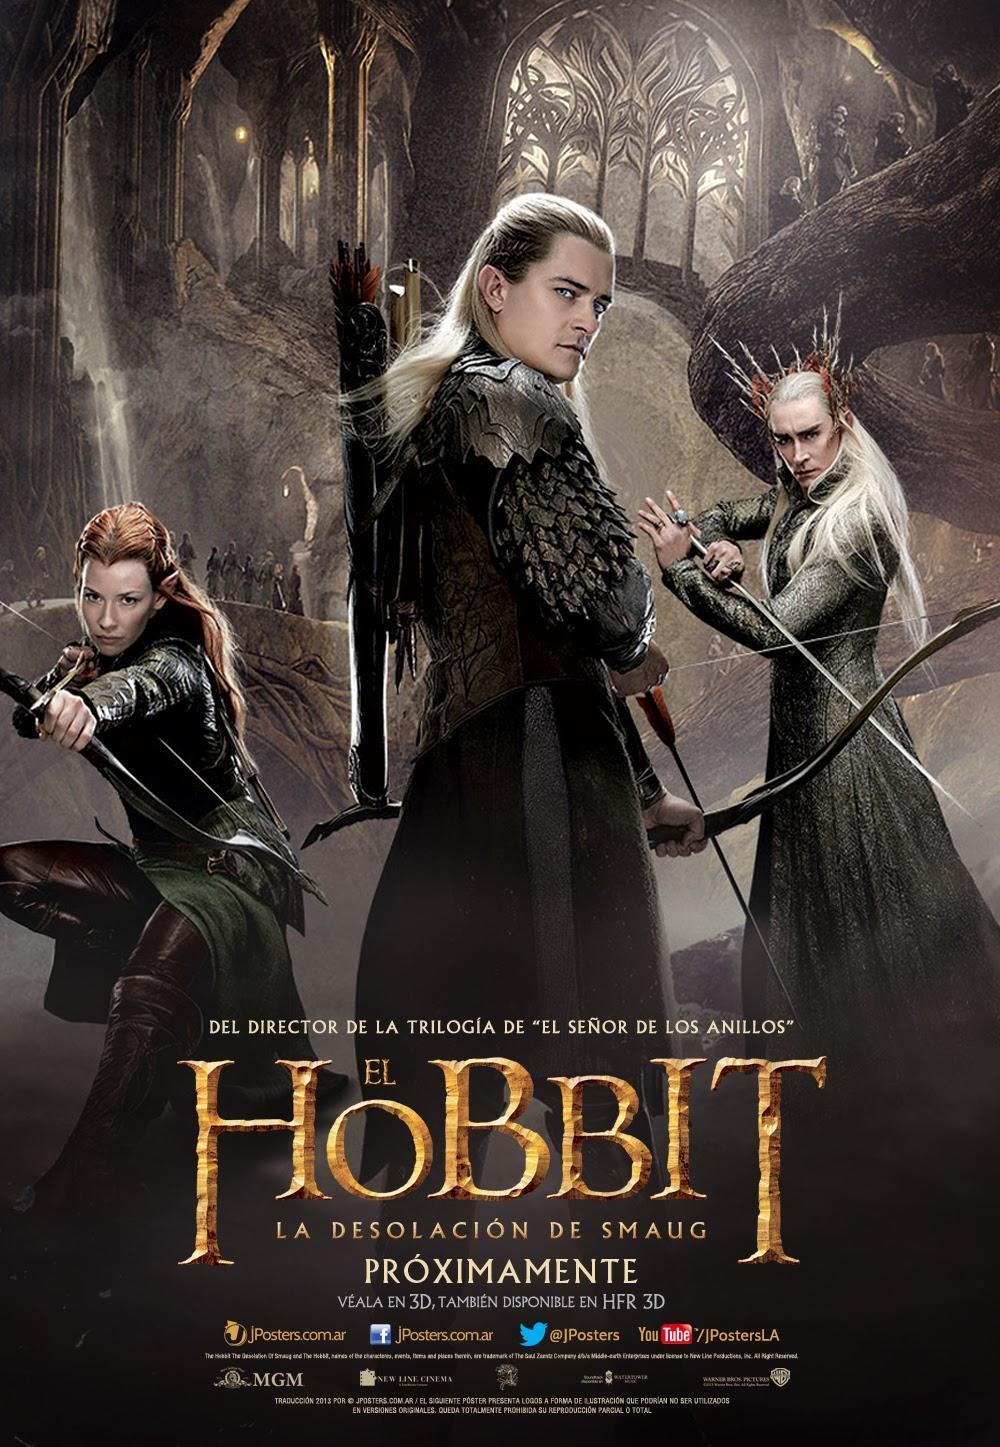 El_Hobbit_La_Desolación_De_Smaug_Nuevo_Poster_Latino_b_JPosters.jpg